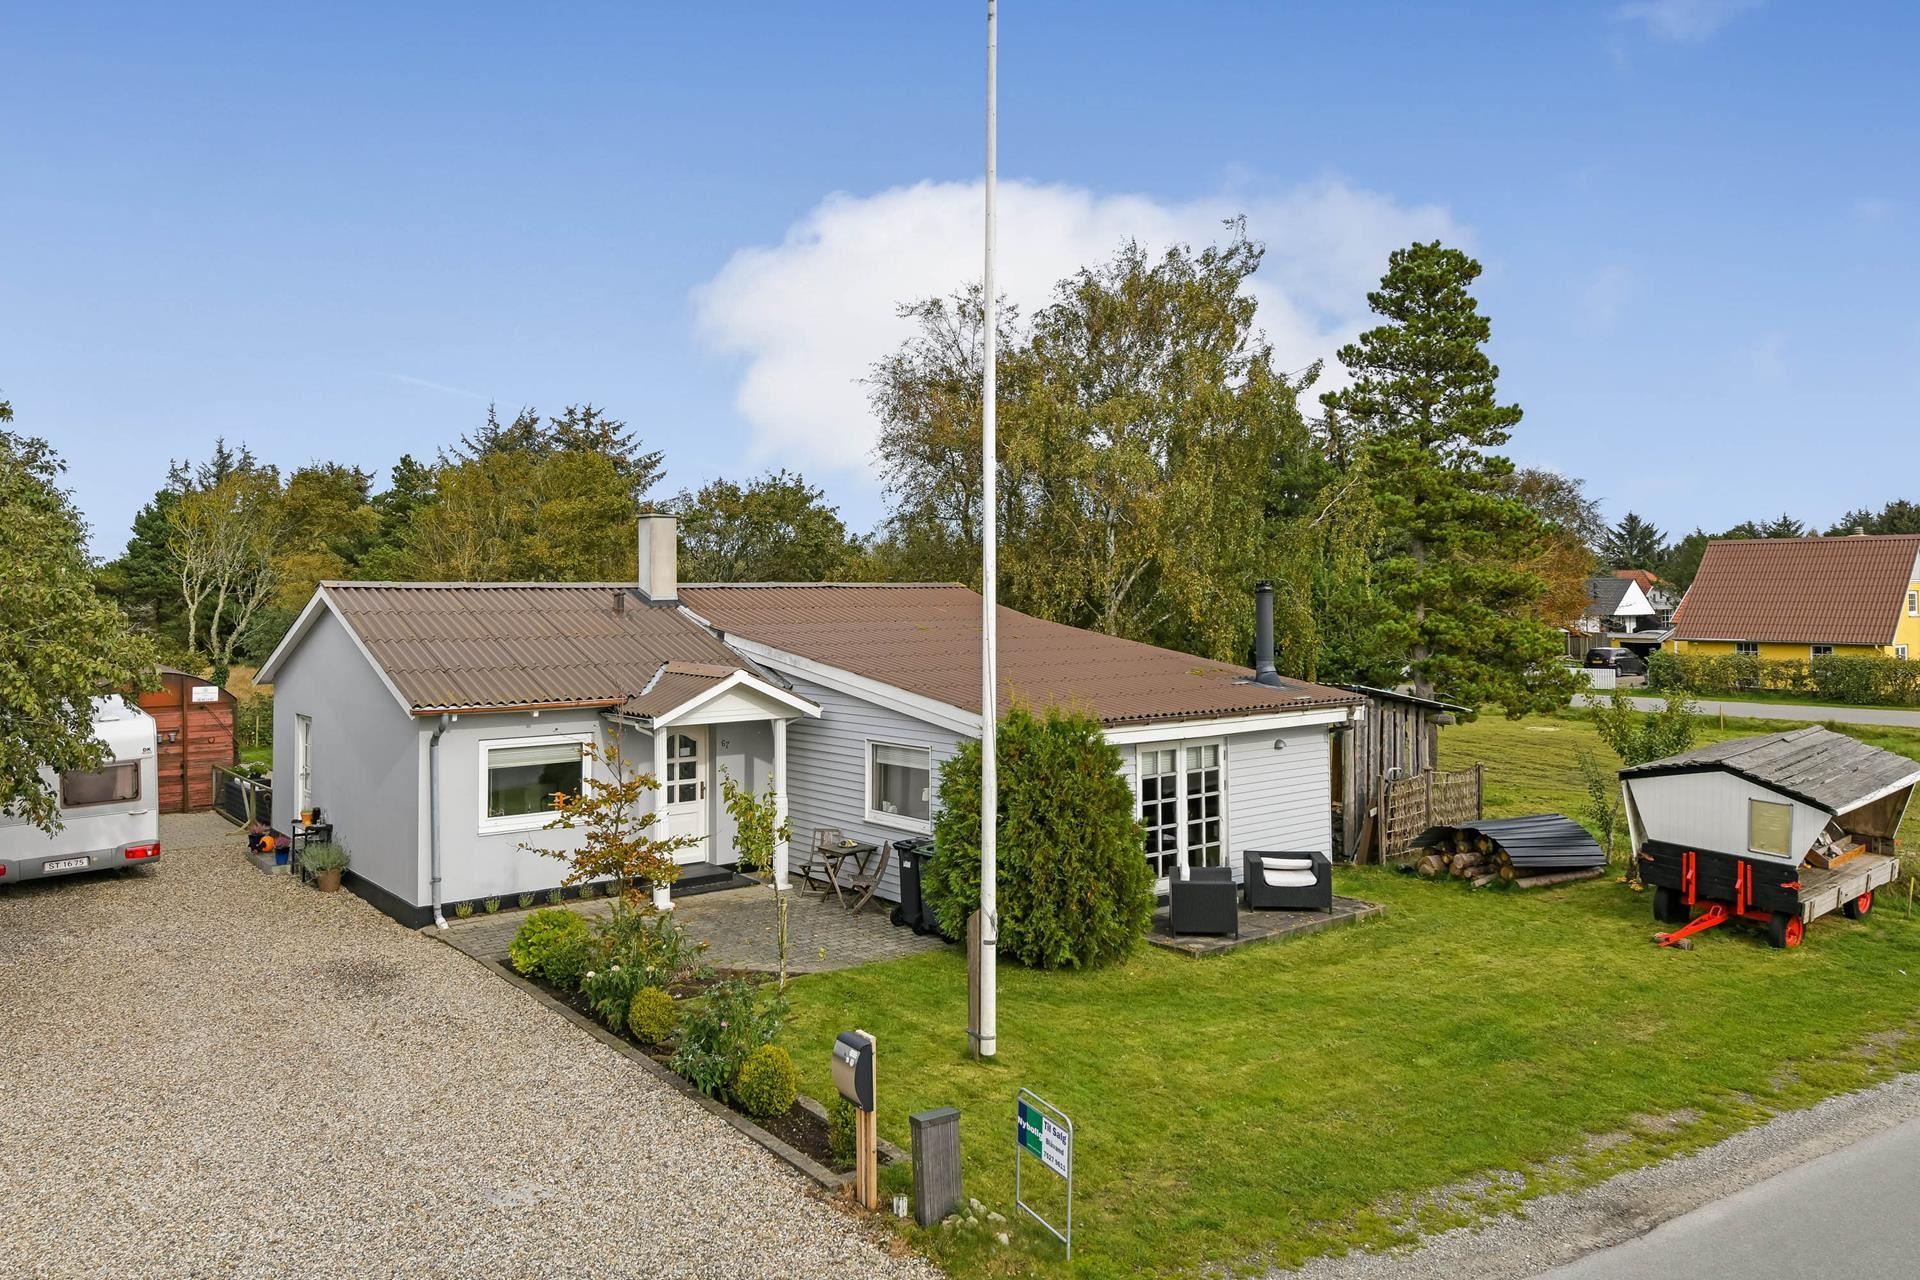 Tane Hedevej 67, 6857 Blåvand